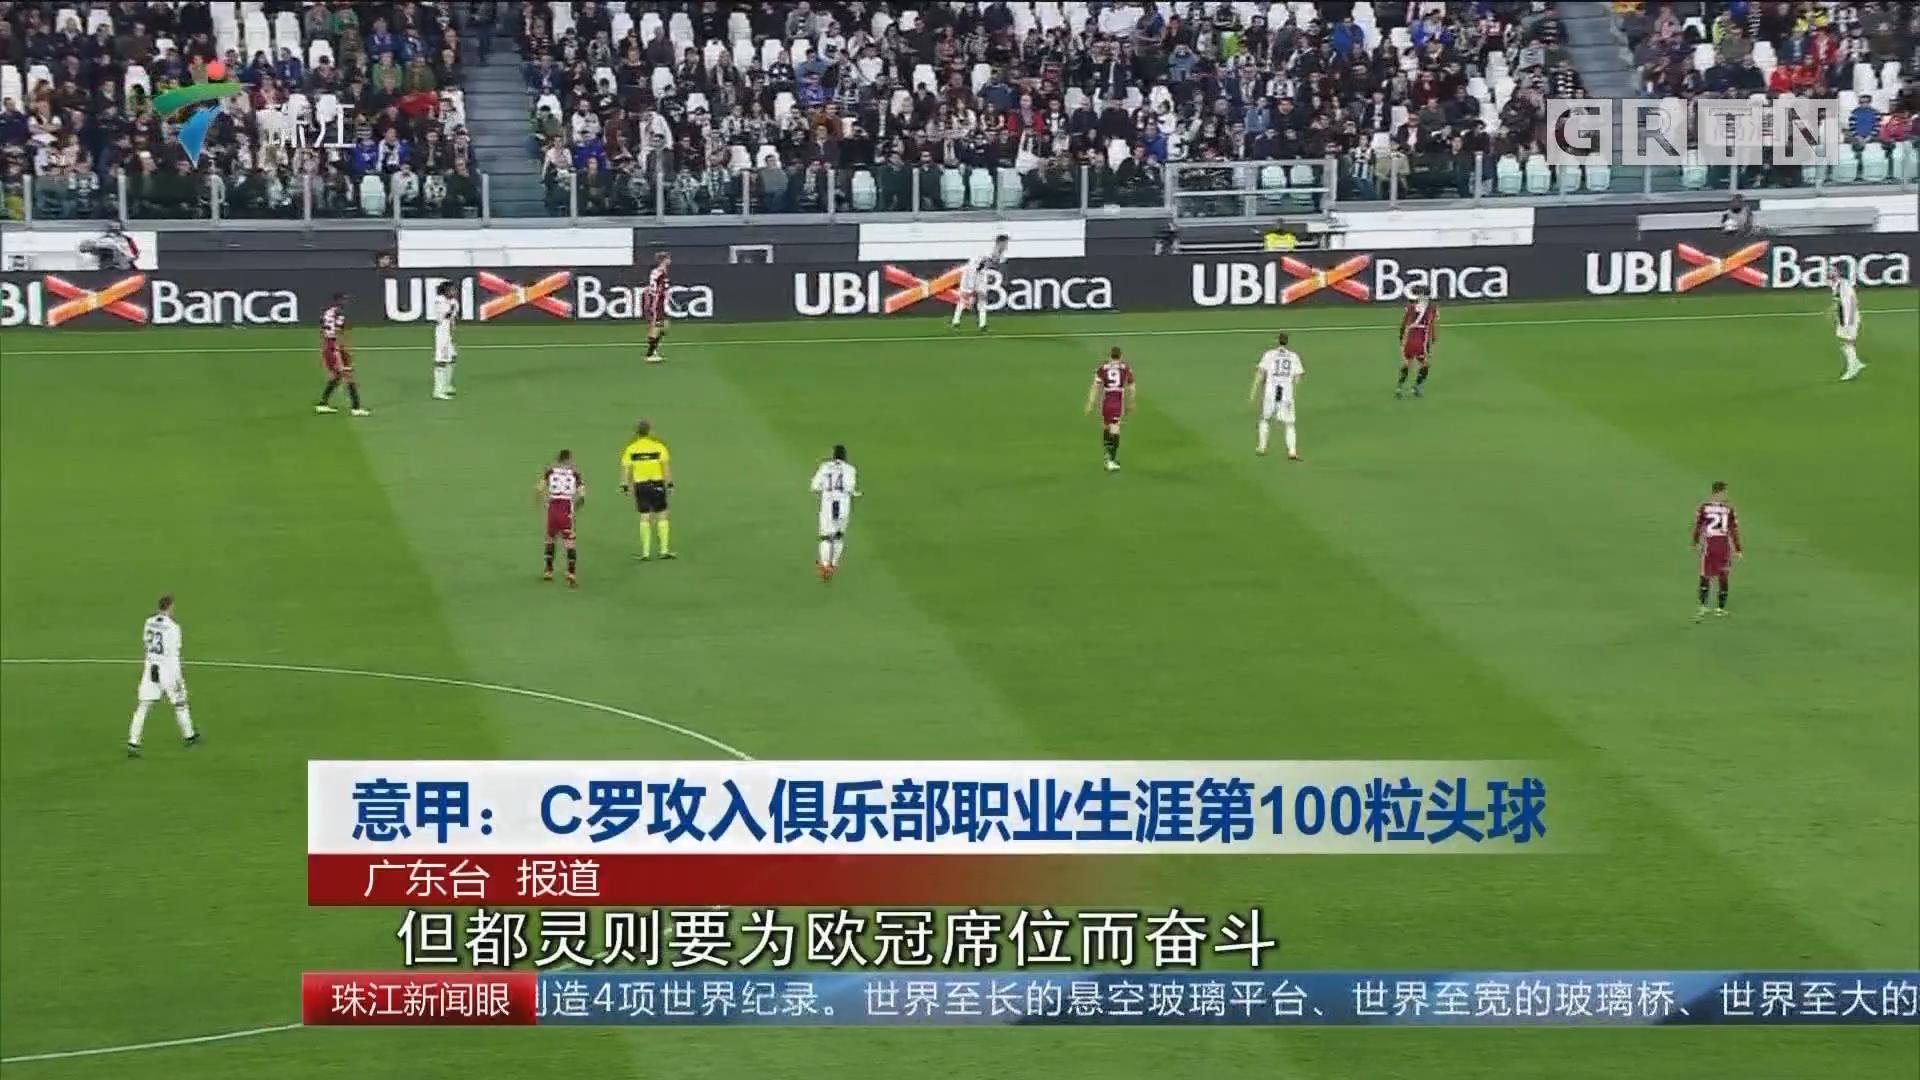 意甲:C罗攻入俱乐部职业生涯第100粒头球